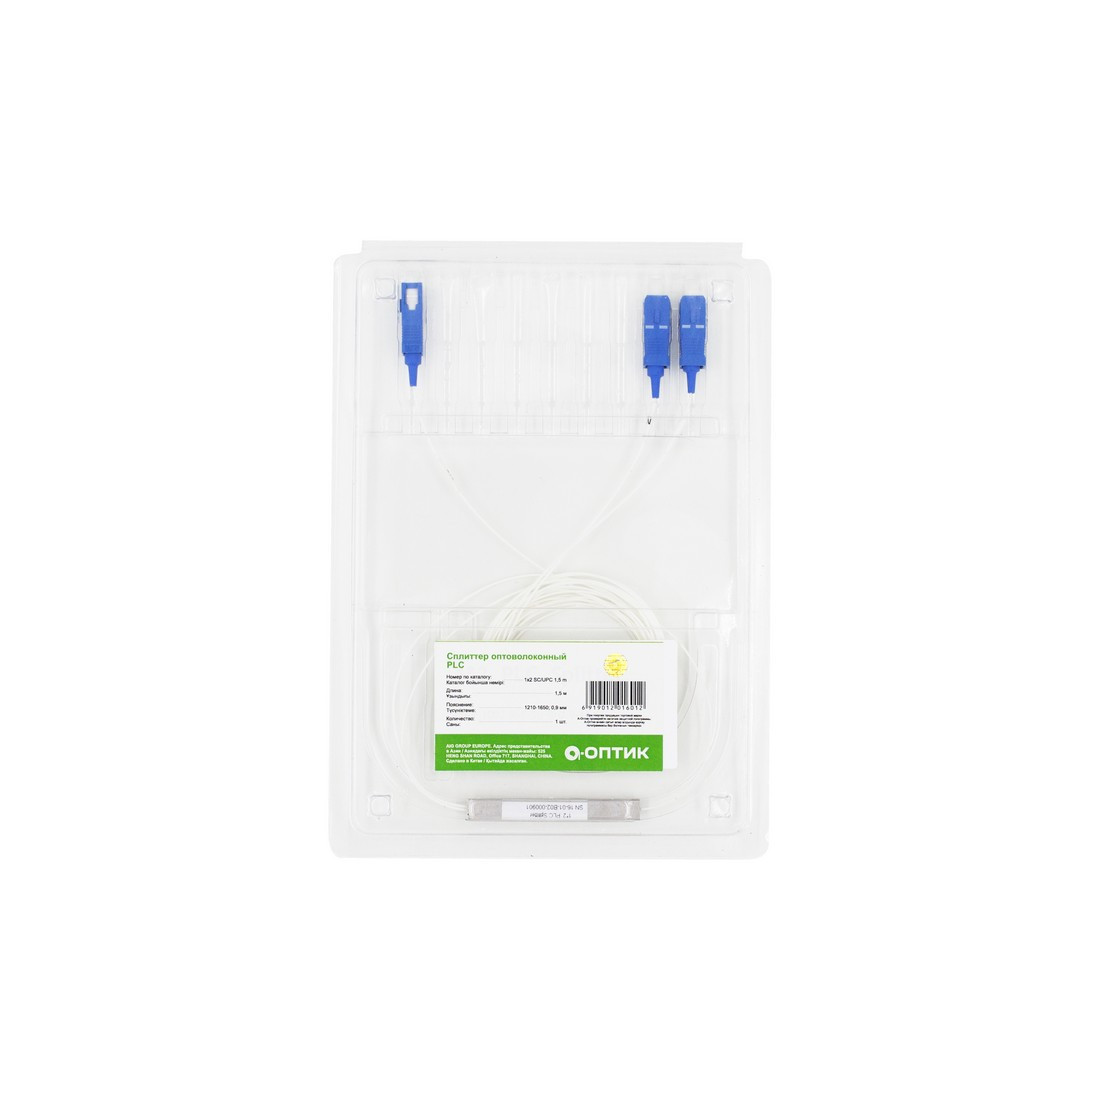 Сплиттер оптоволоконный PLC А-Оптик 1х2 SC/UPC 1,5m SM